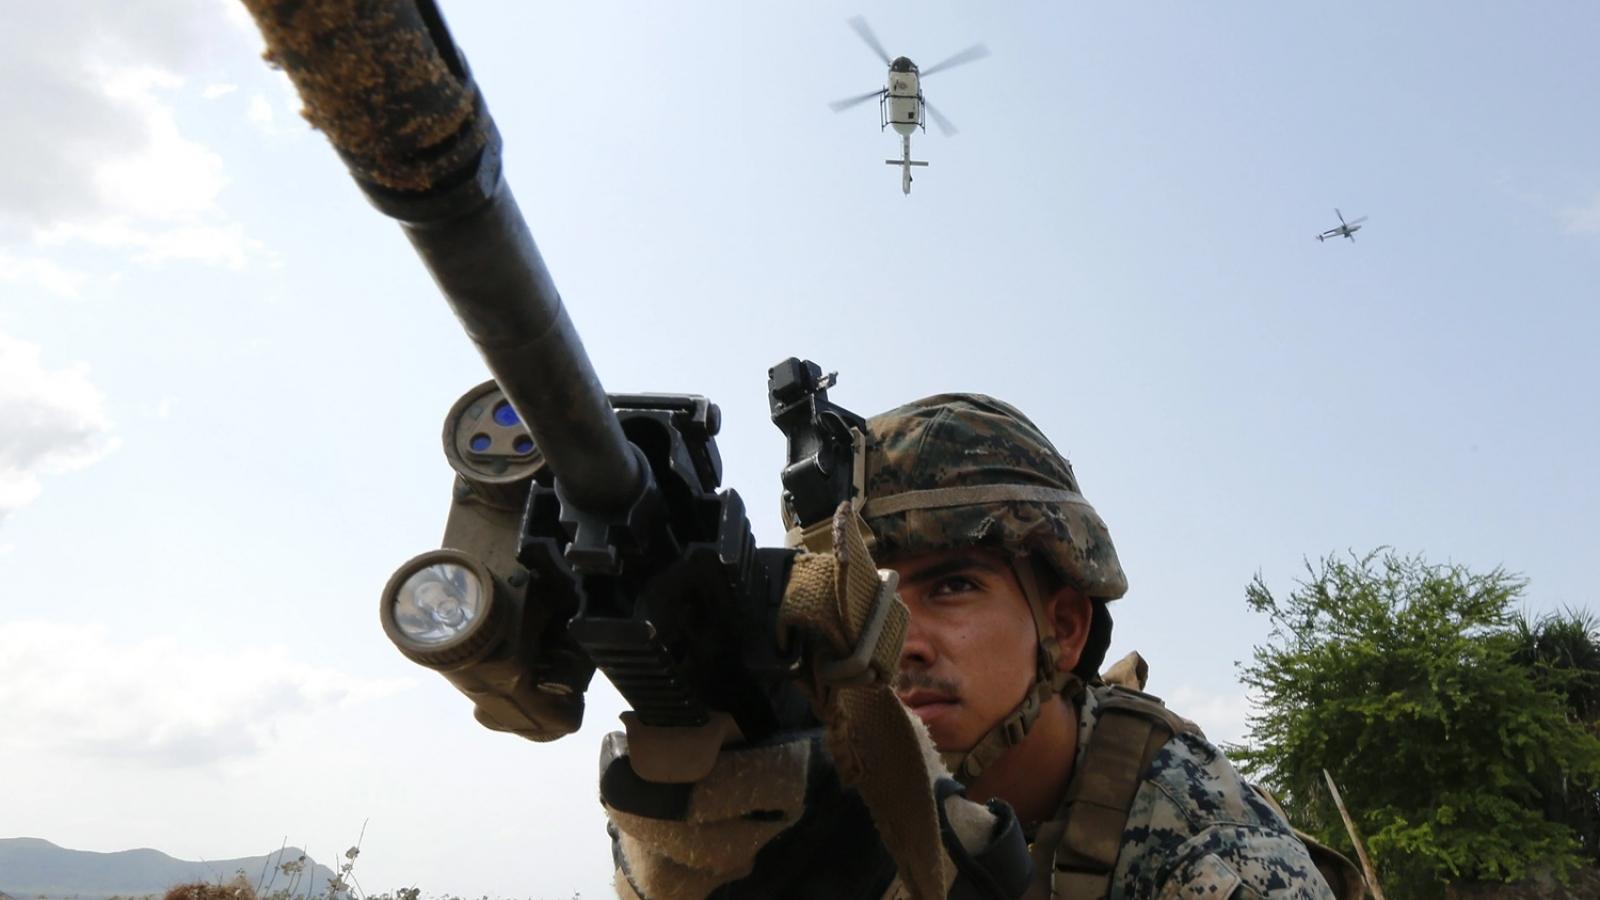 Cuộc chiến của Mỹ chống khủng bố Hồi giáo hậu 11/9 tác động thế nào lên Đông Nam Á?